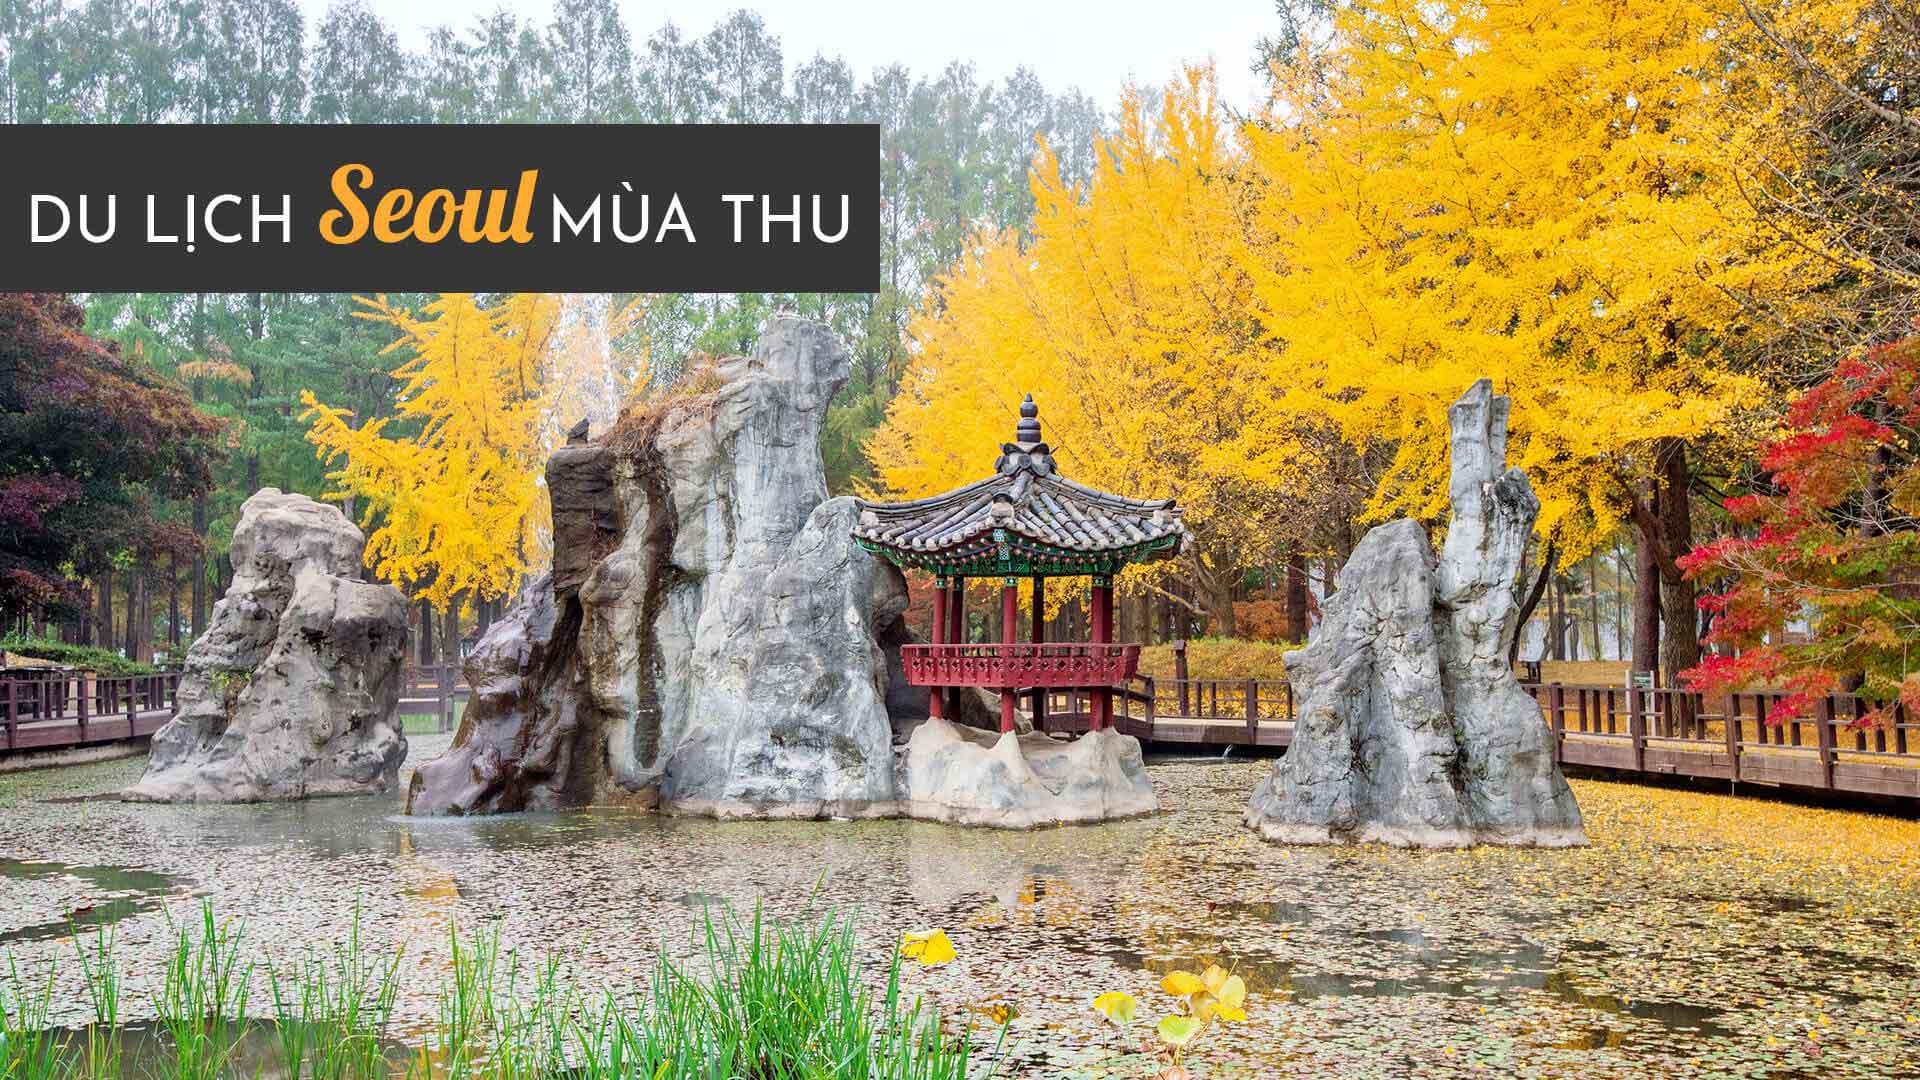 Du lịch Seoul mùa thu và những cảnh sắc